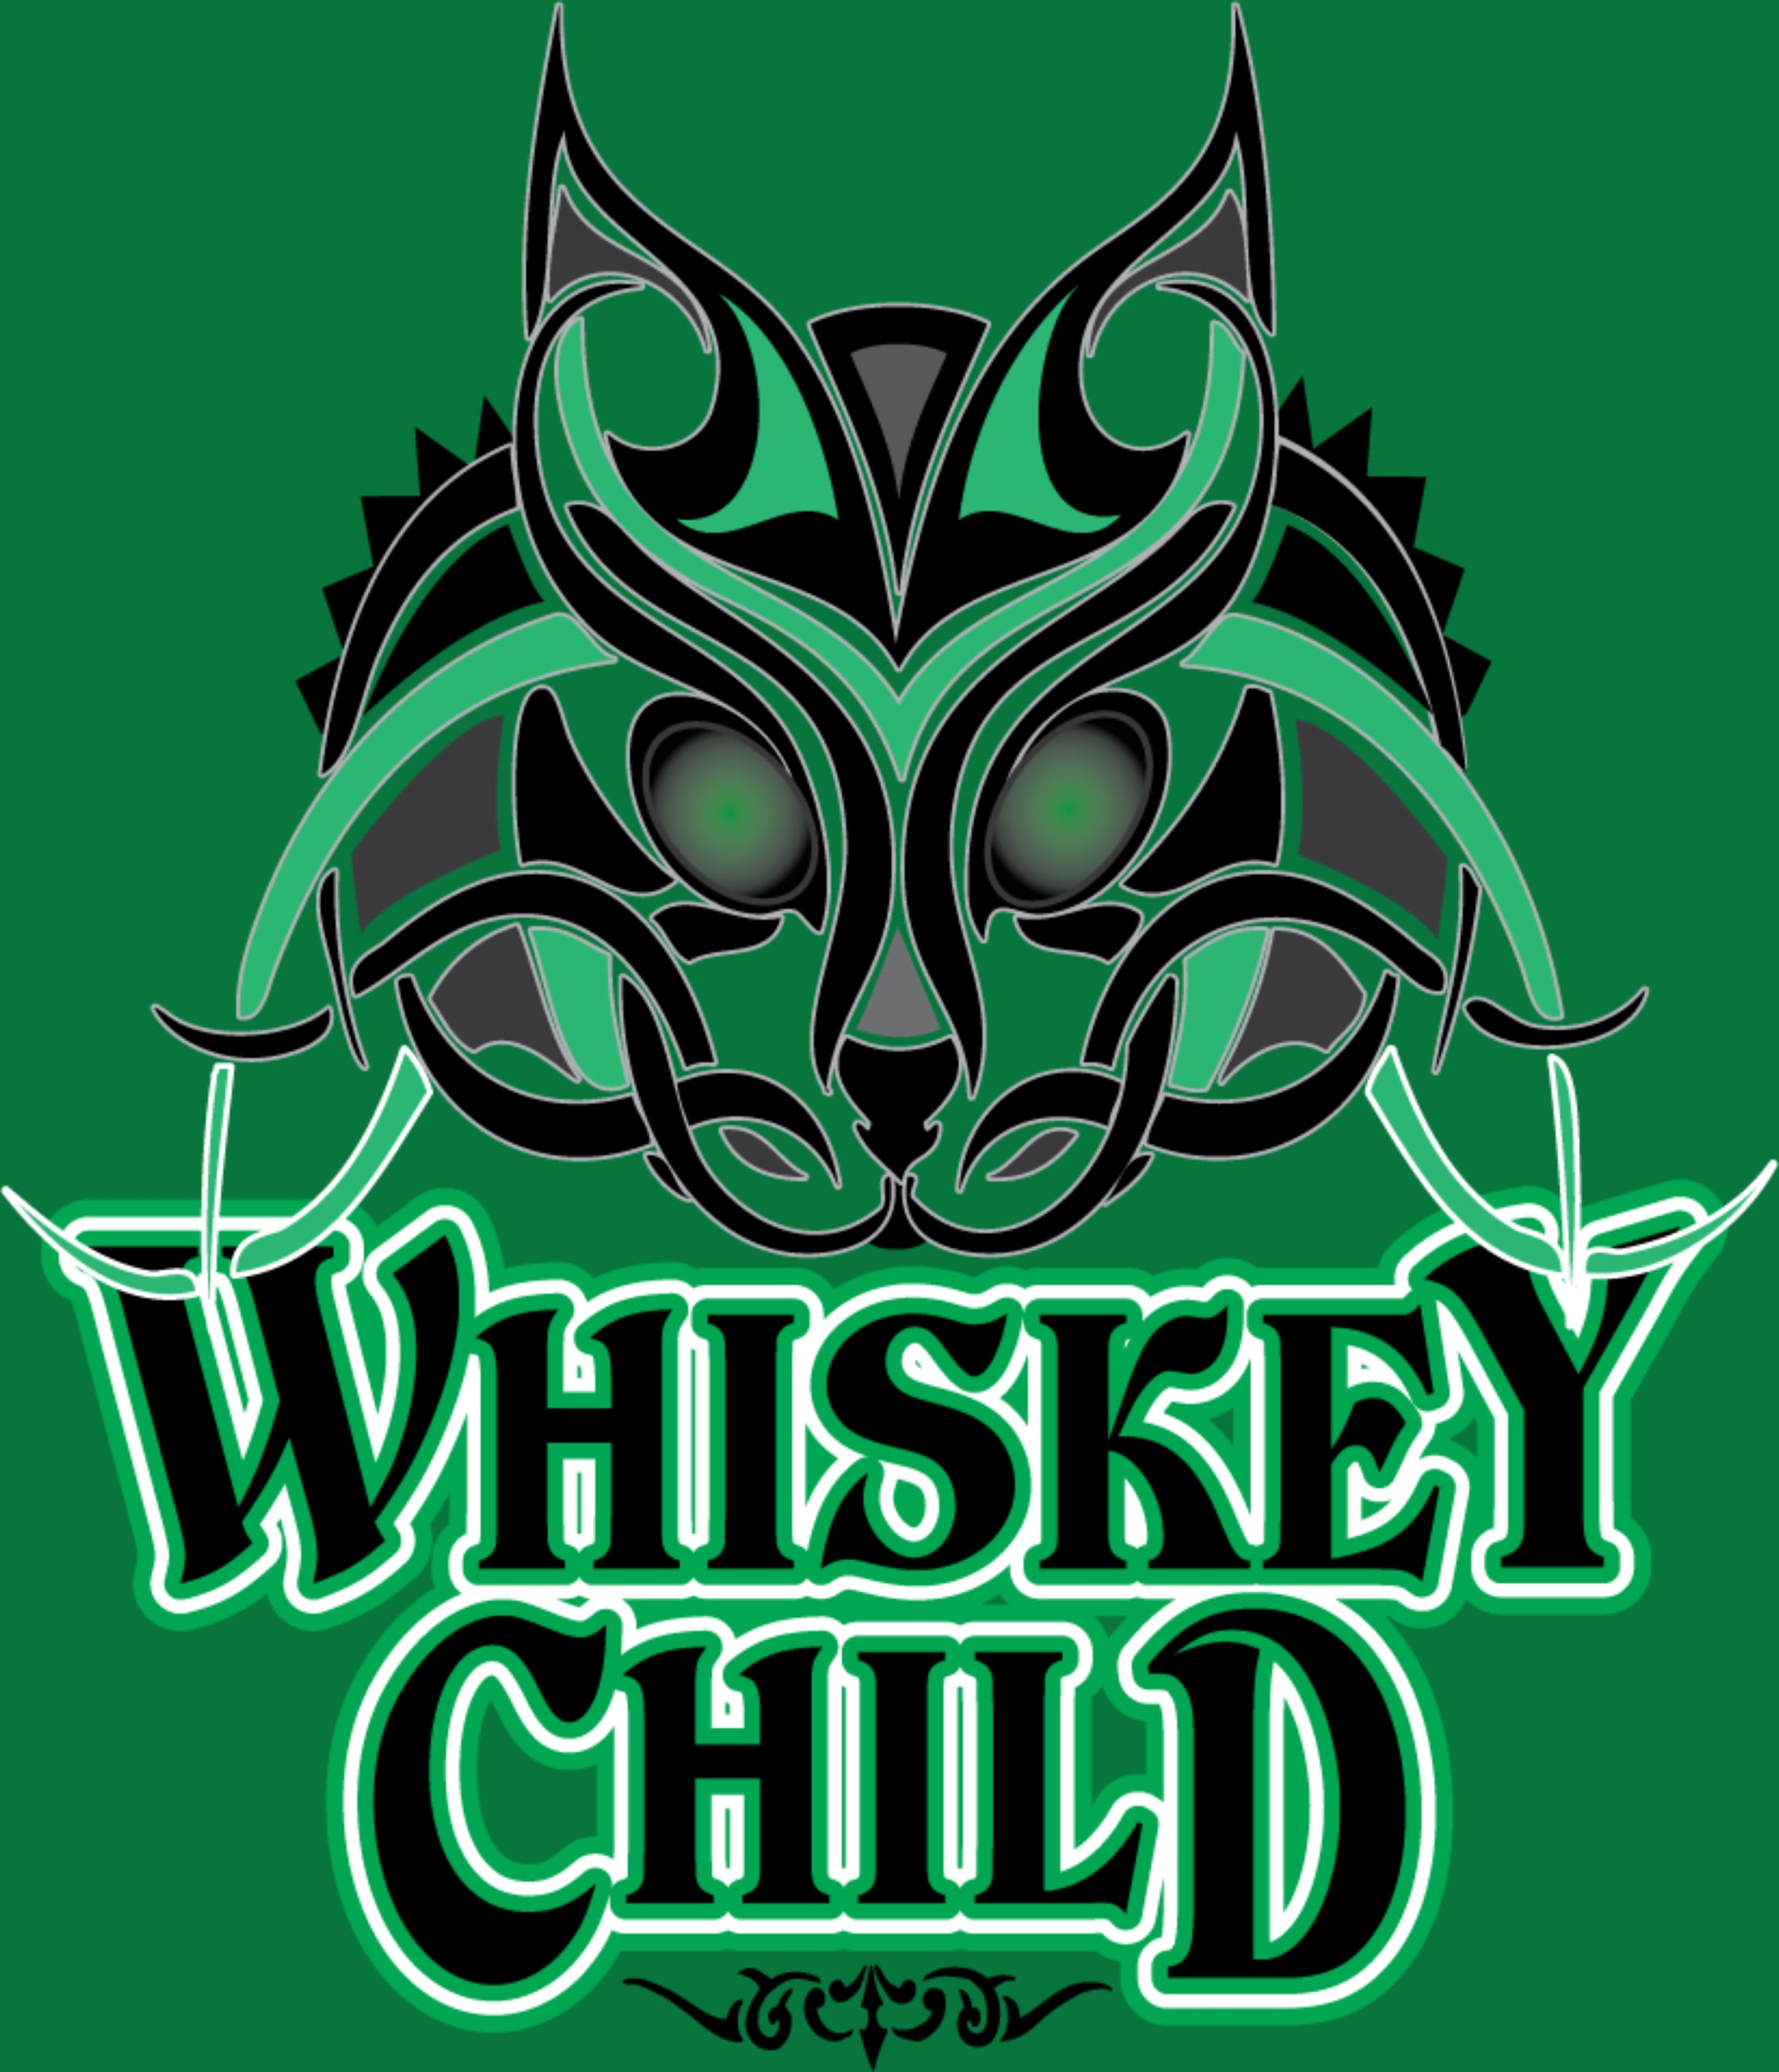 Whiskey child whiskey child   feline design by trey mcgriff 1473475577